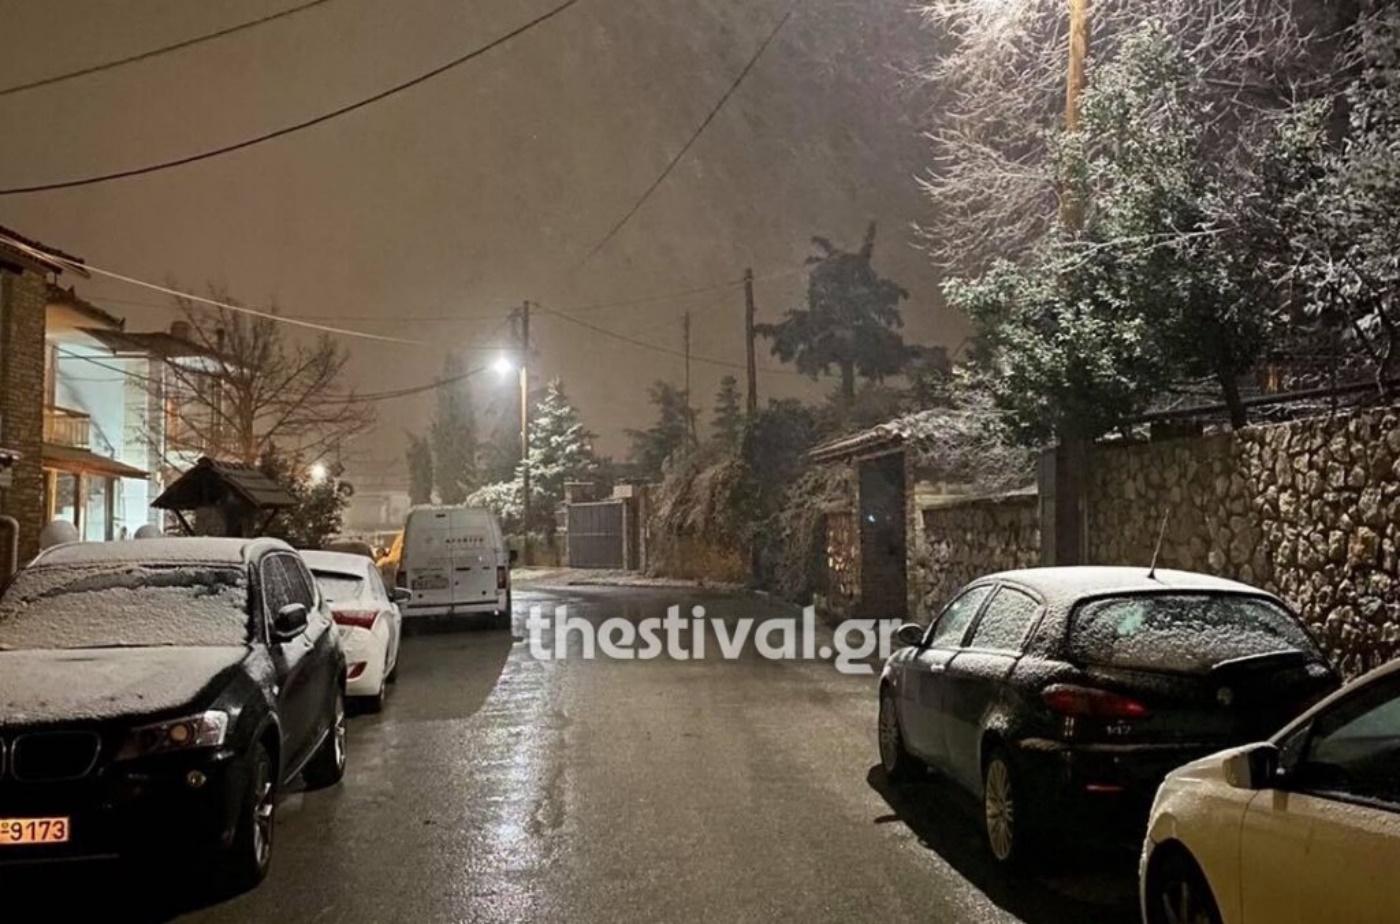 Κακοκαιρία «Λέανδρος»: Έπεσαν τα πρώτα χιόνια στη Θεσσαλονίκη – Στα «λευκά» και η Χαλκιδική (pics, vids)